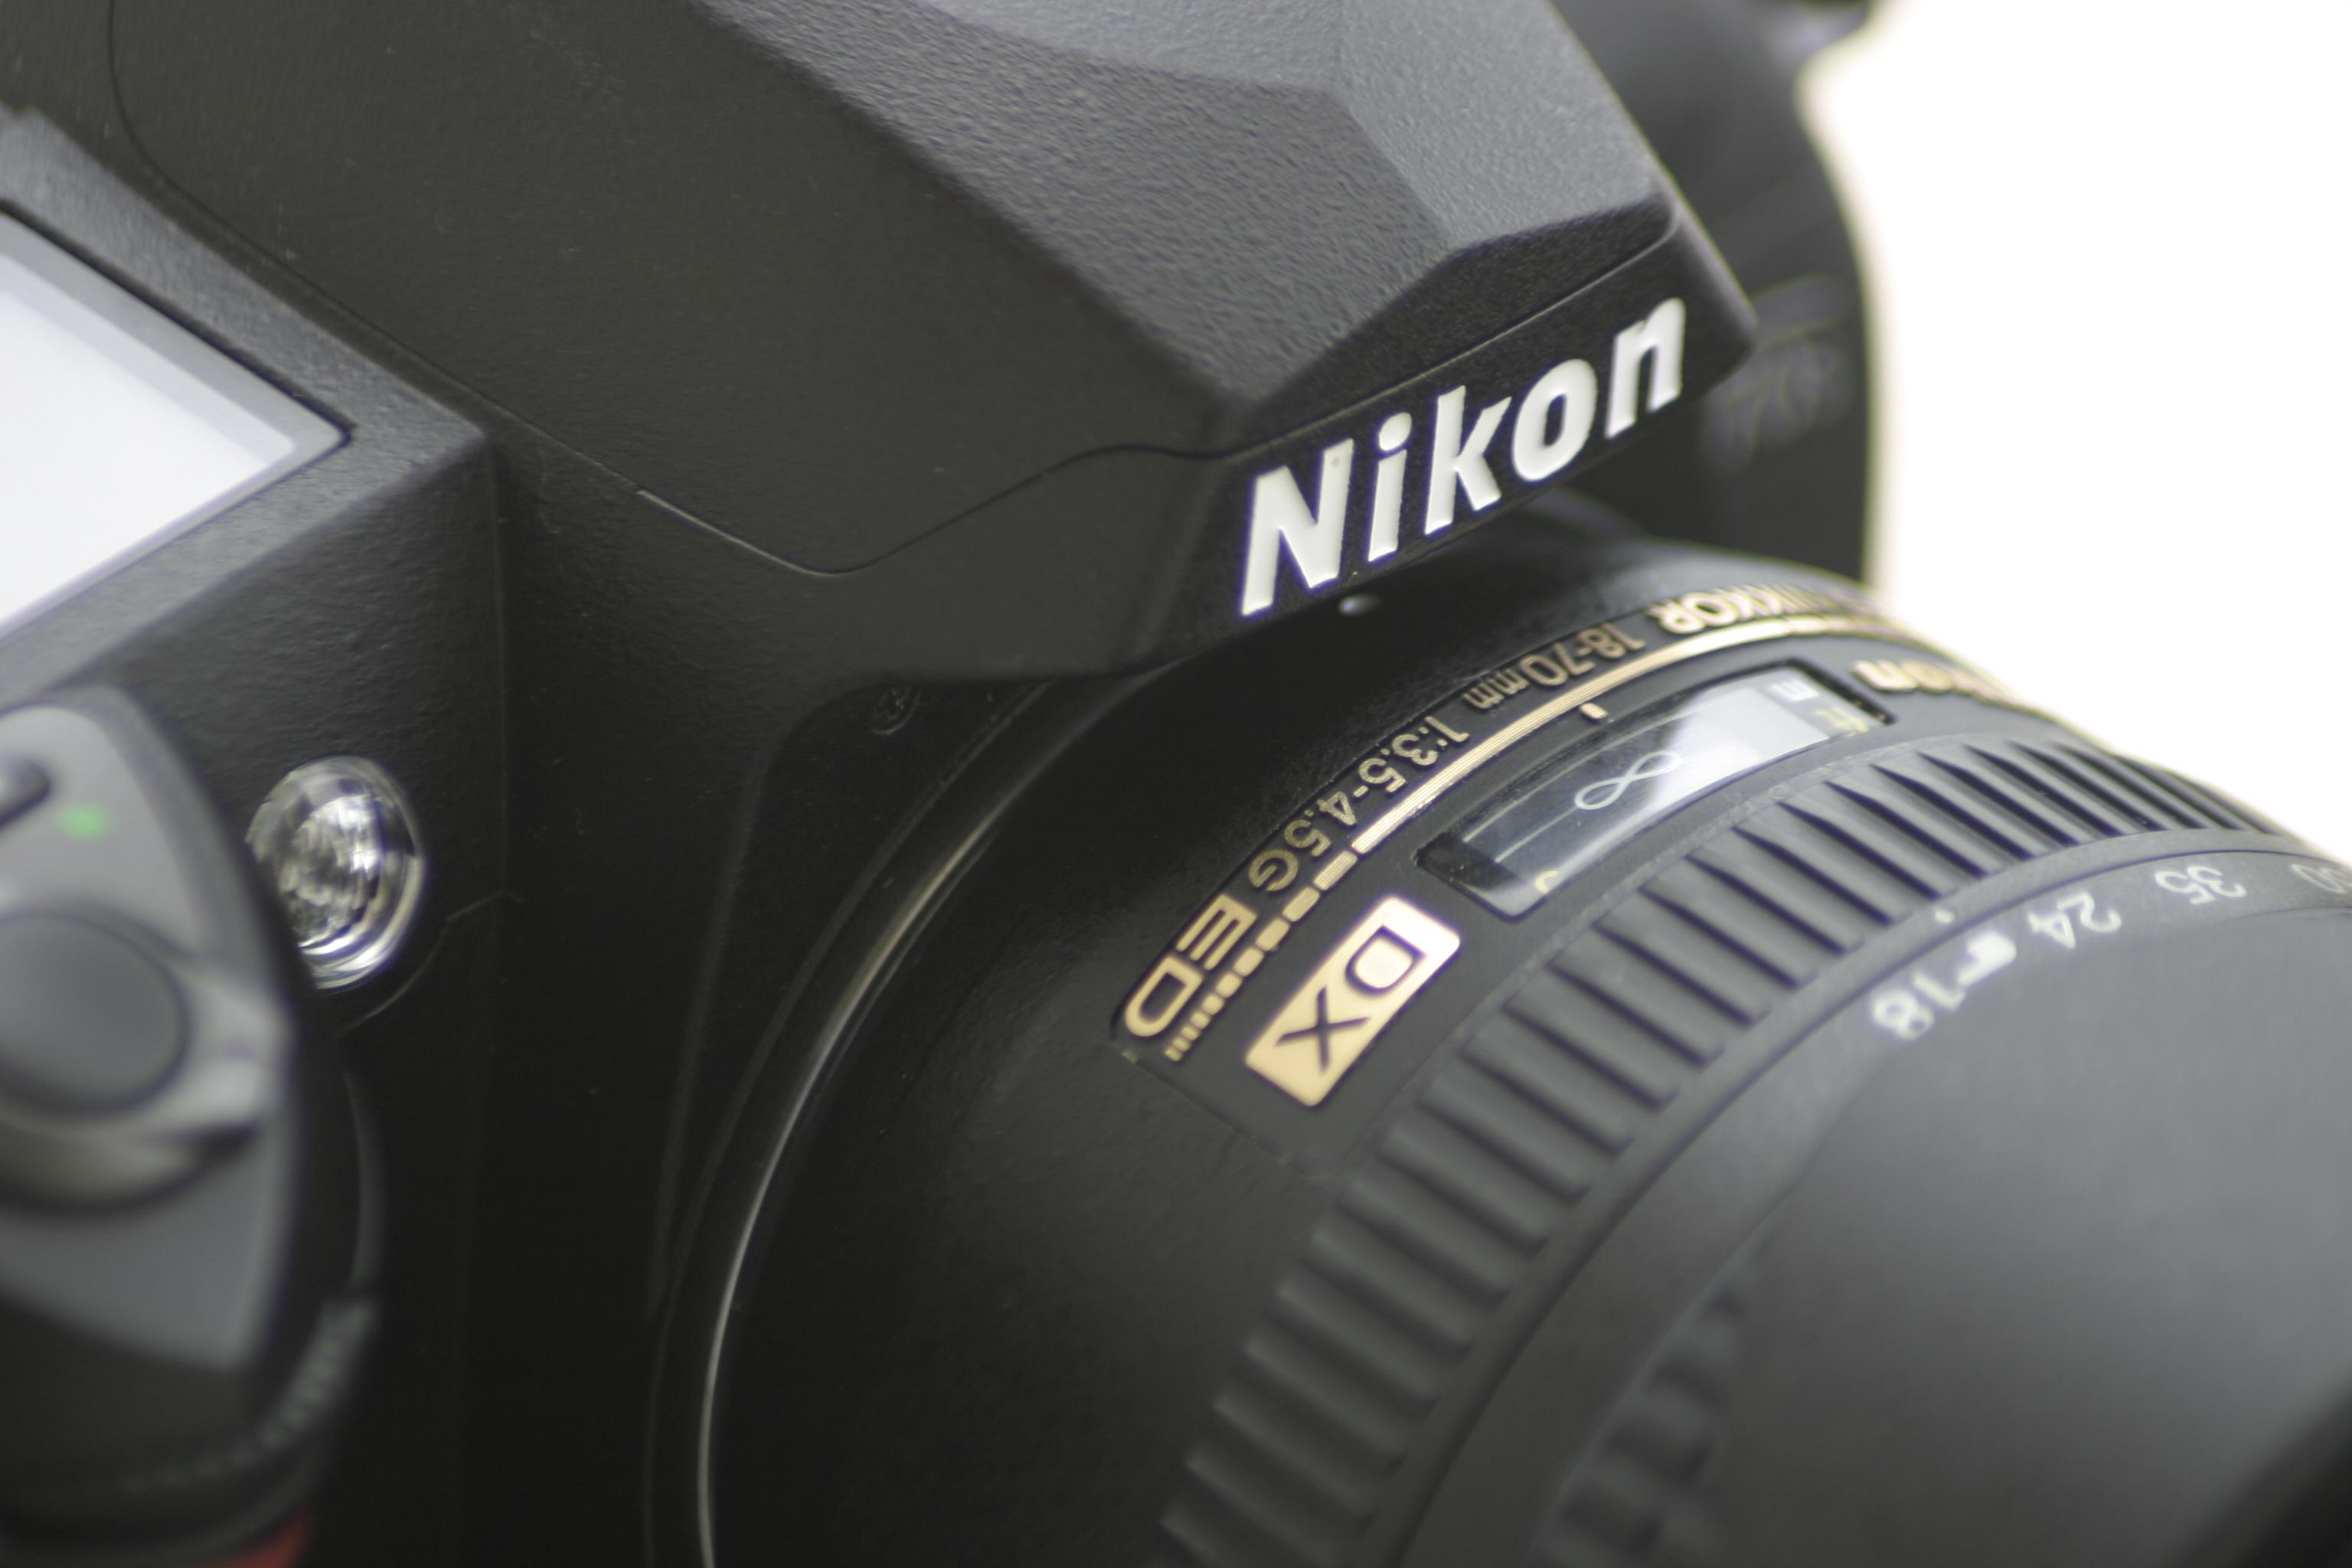 Akademia Nikona w Meksyku